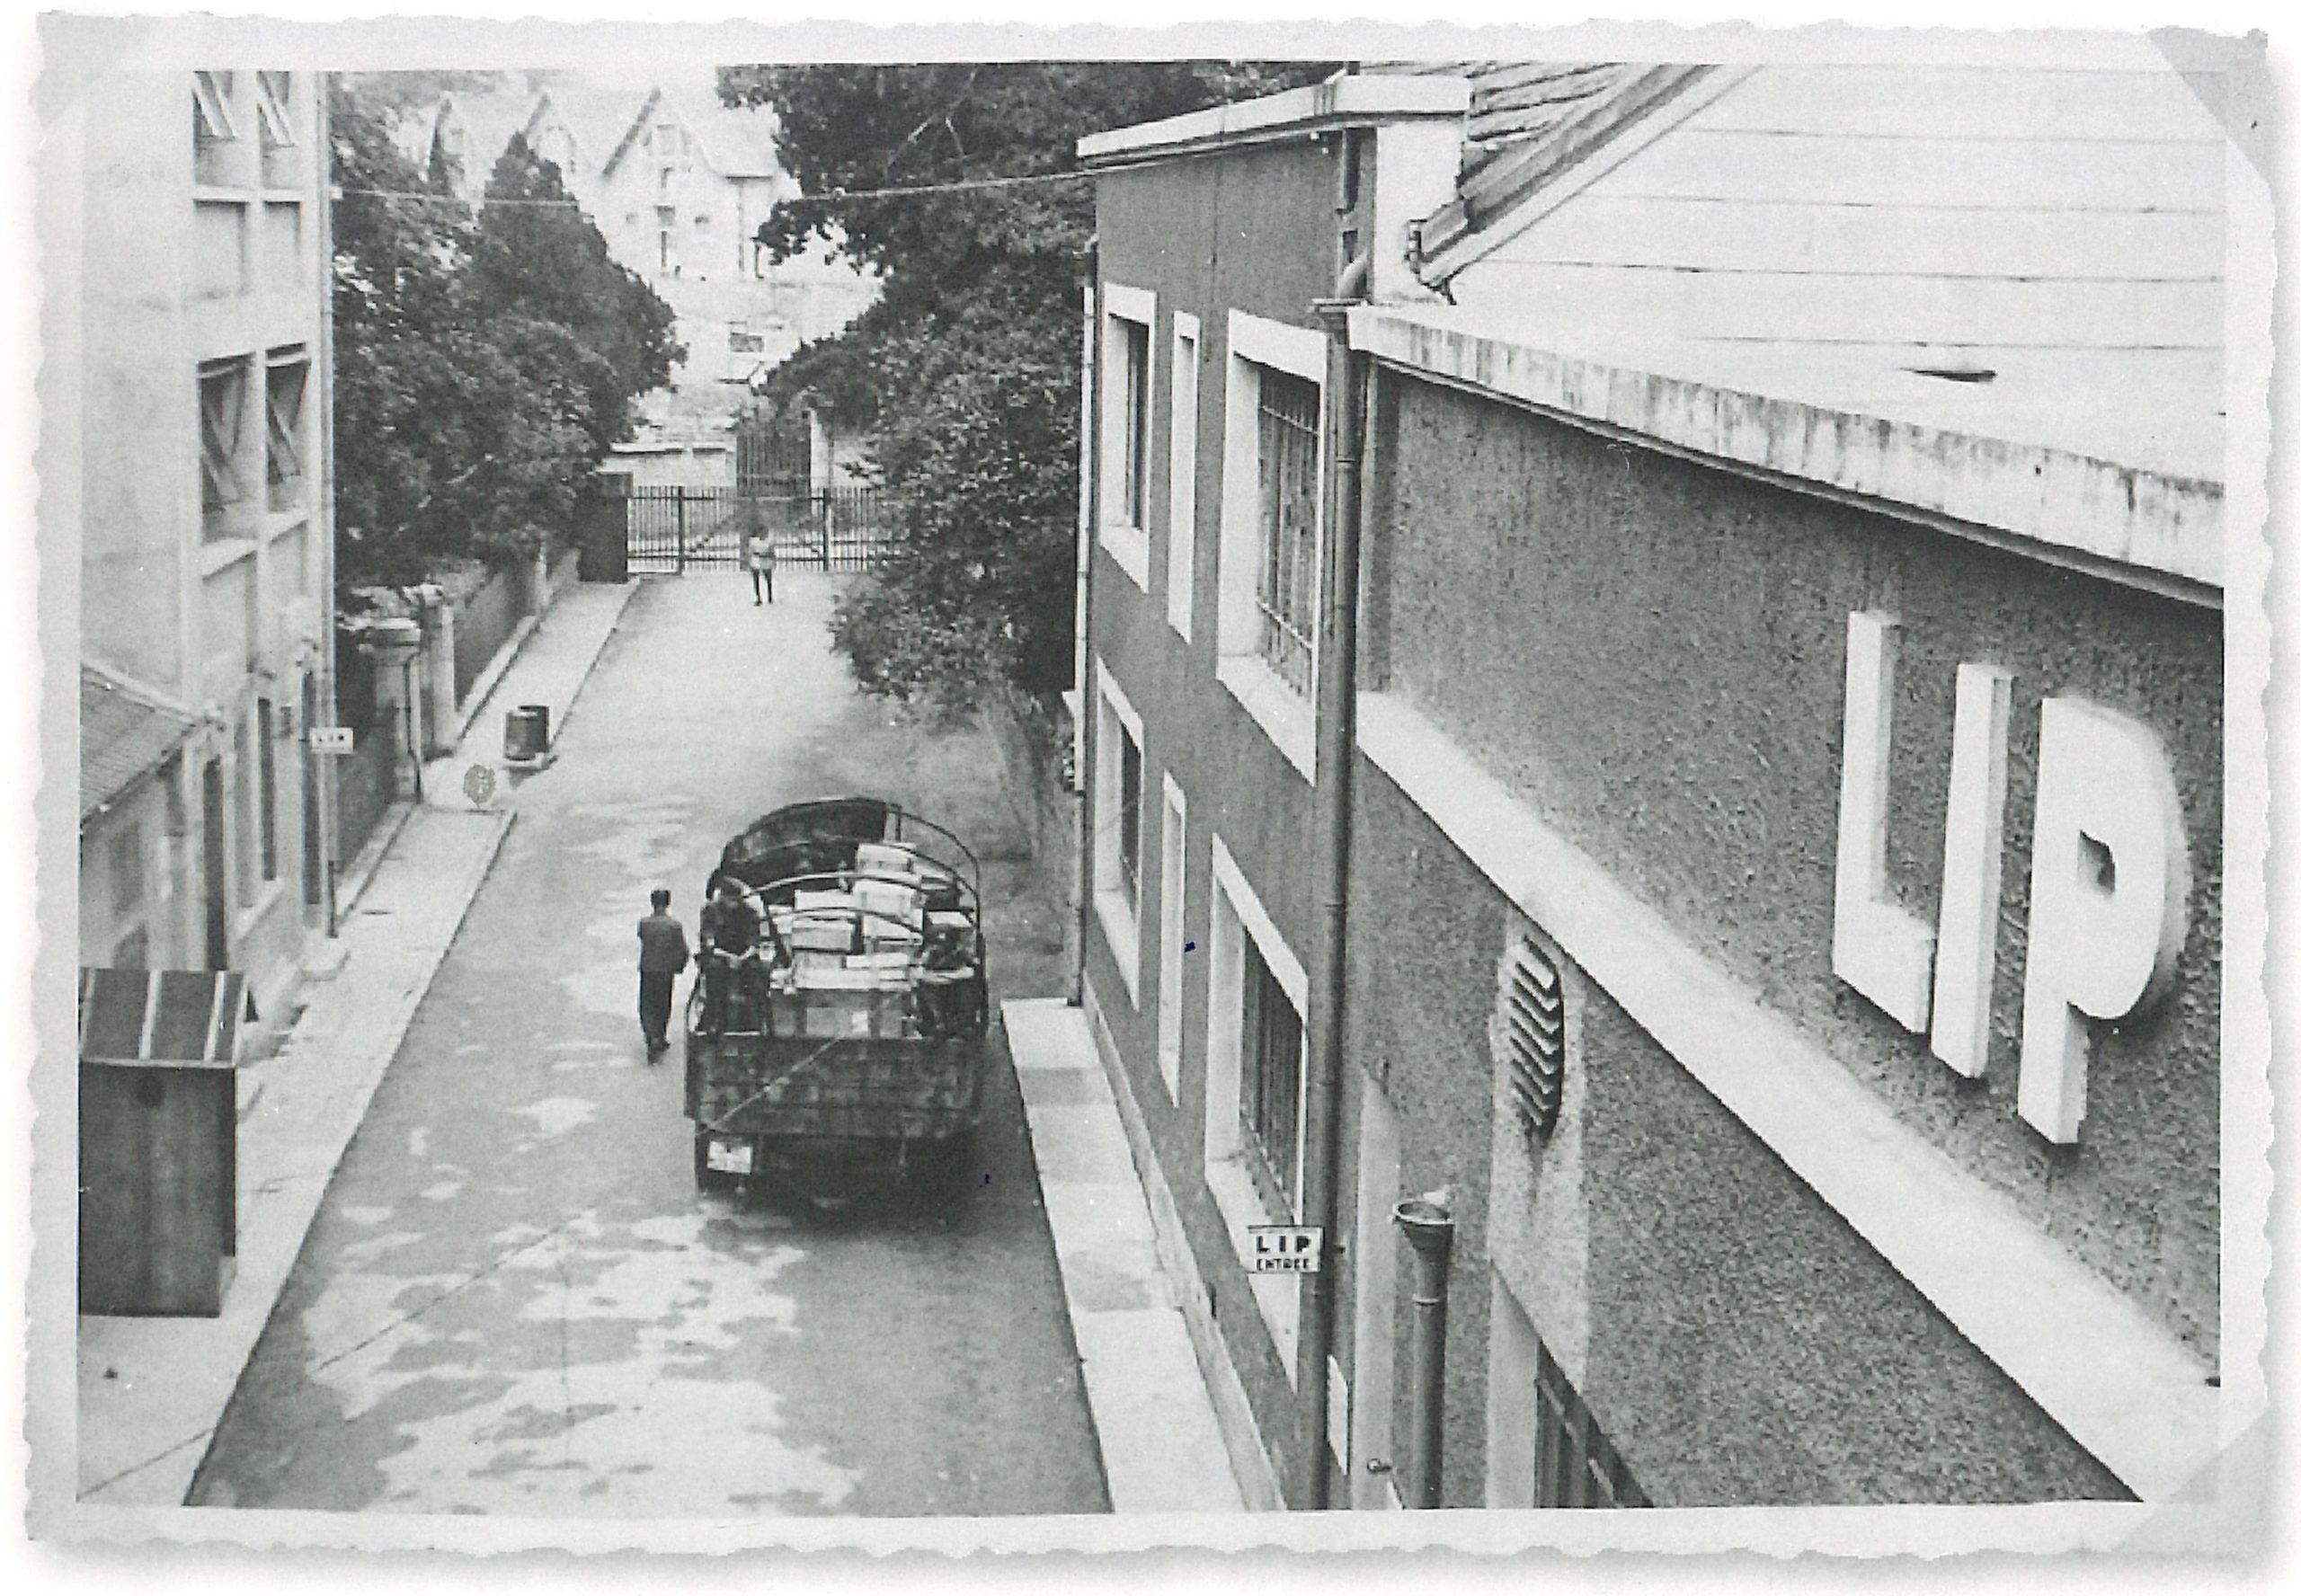 Usine Lip de la Mouillère Seconde Guerre Mondiale et Occupation Allemande 1939 - 1945